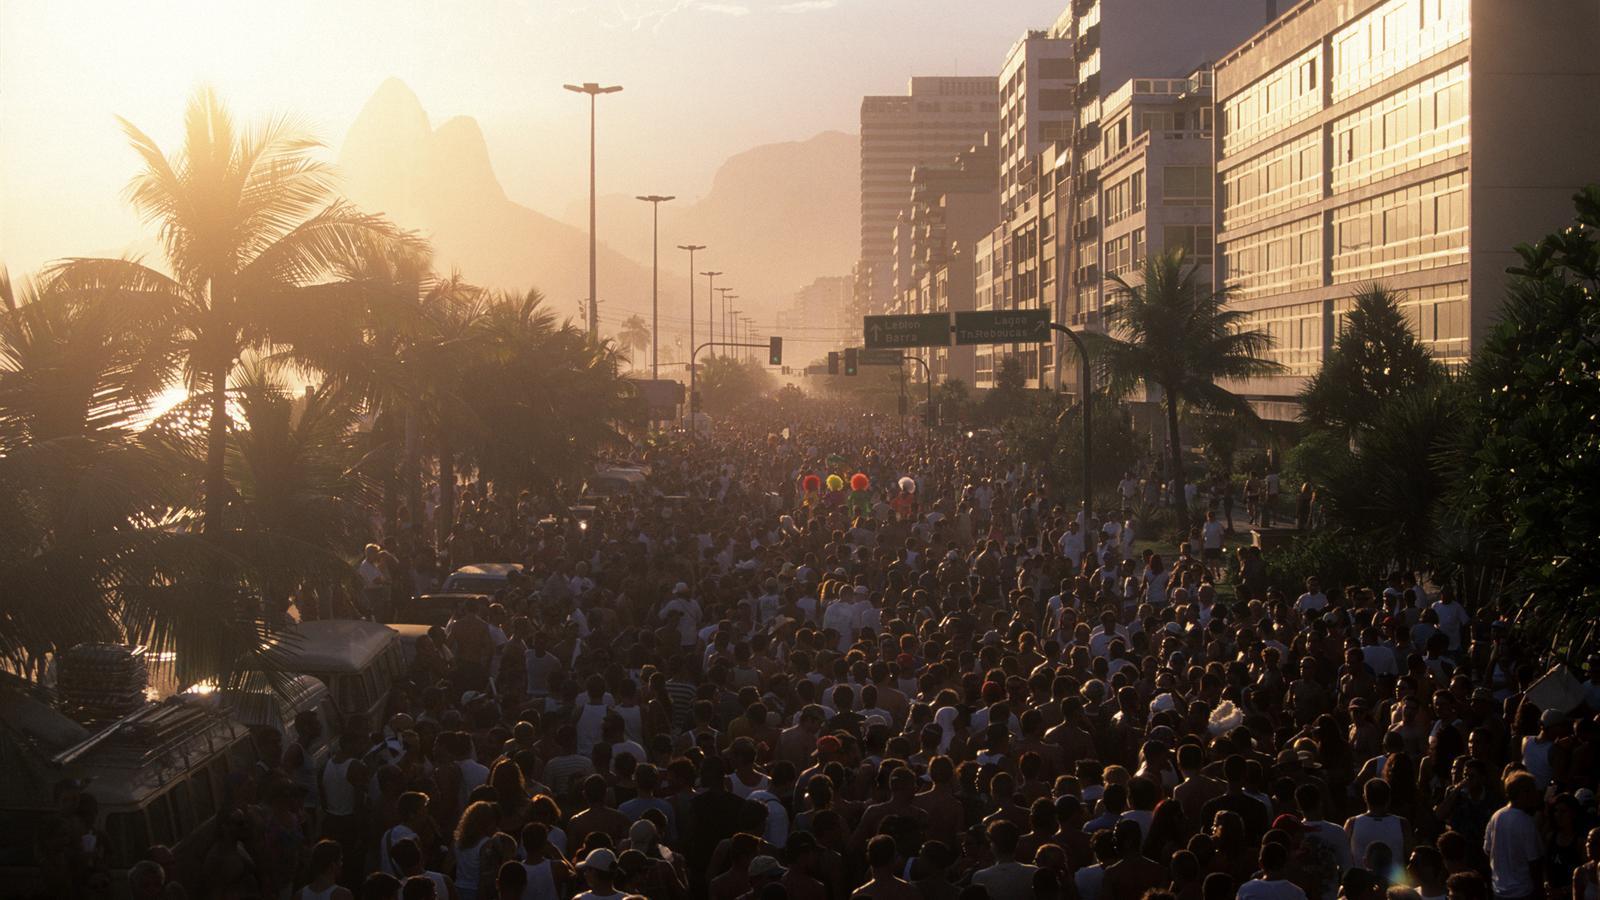 Rio de Janeiro Carnival preiswert reisen im Hostel Brasilien Reise für junge Leute traveljunkies